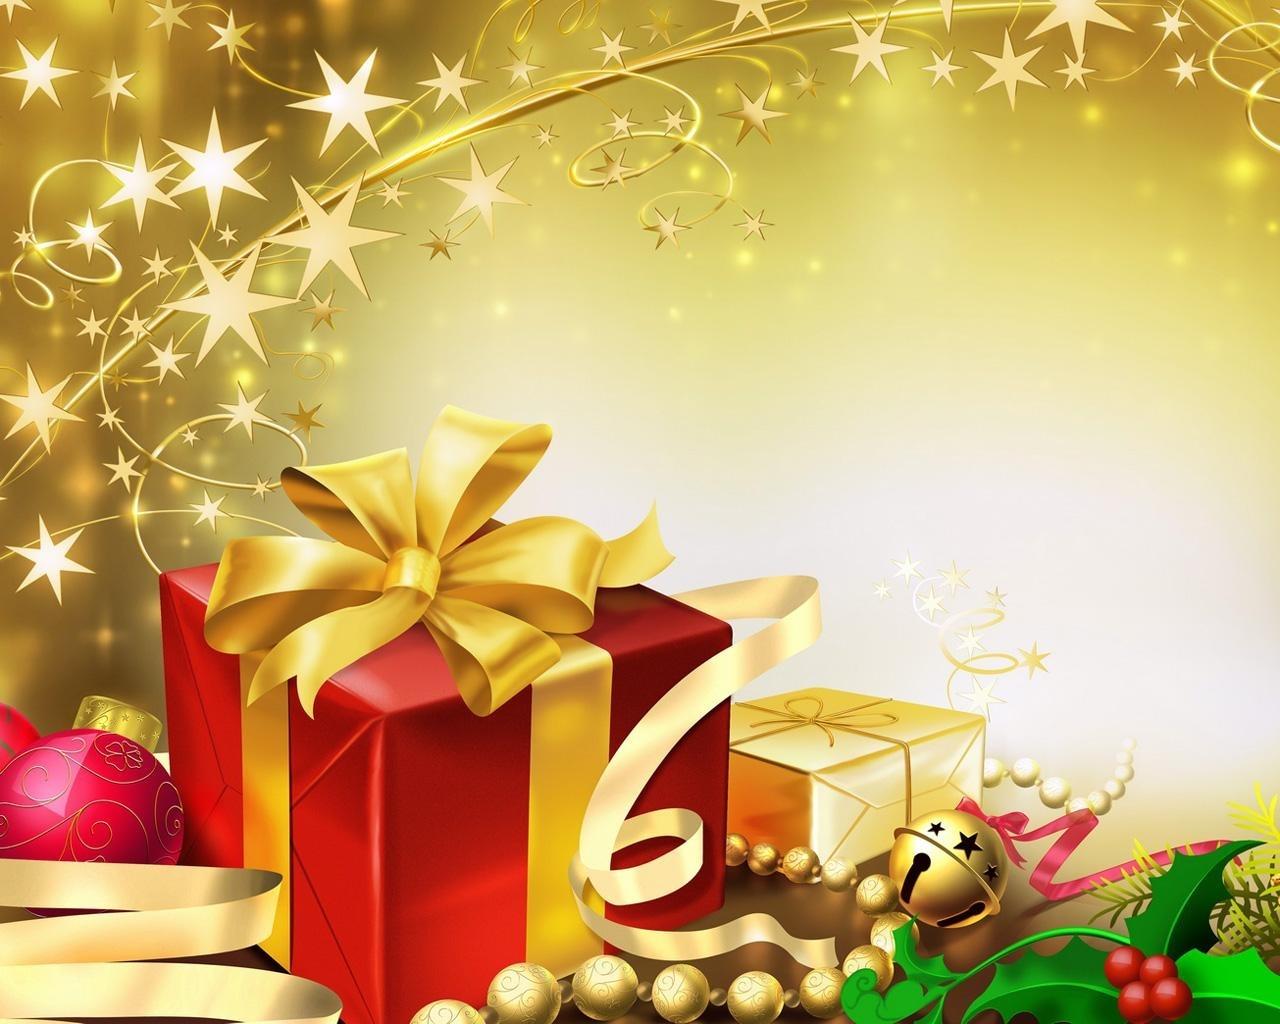 2221 descargar fondo de pantalla Vacaciones, Año Nuevo, Navidad: protectores de pantalla e imágenes gratis